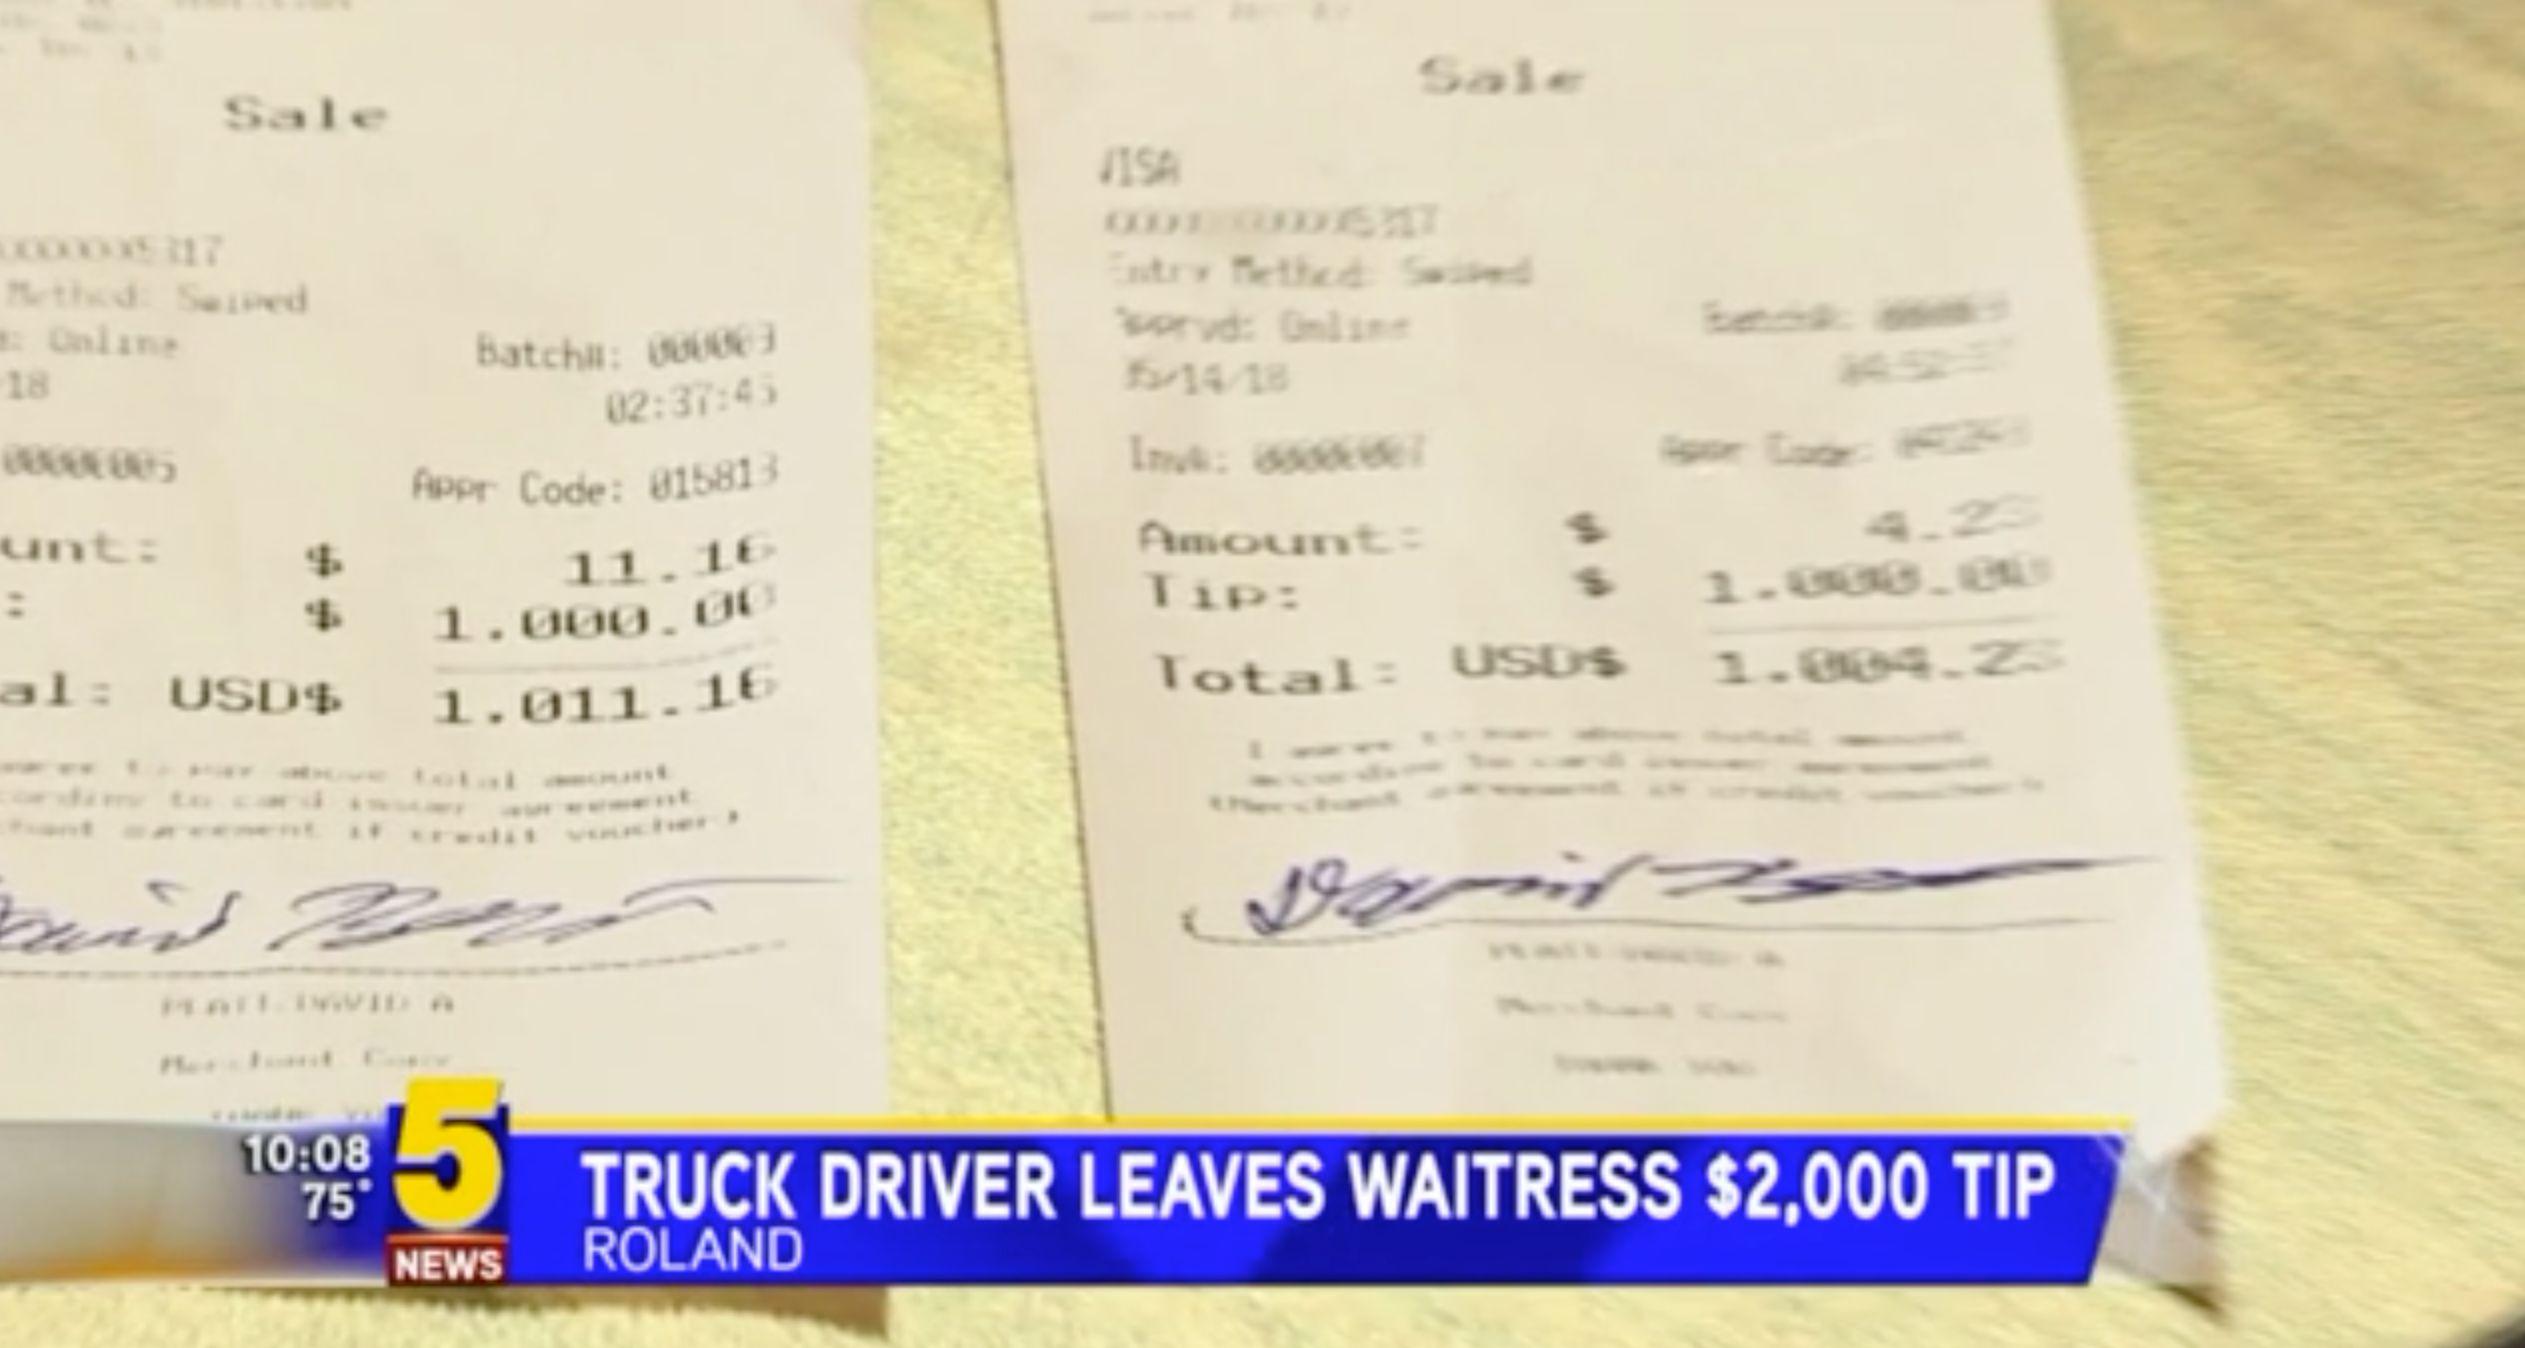 Lkw-Fahrer gibt Kellnerin 1000 Dollar Trinkgeld – doch das reicht dem Wohltäter noch nicht